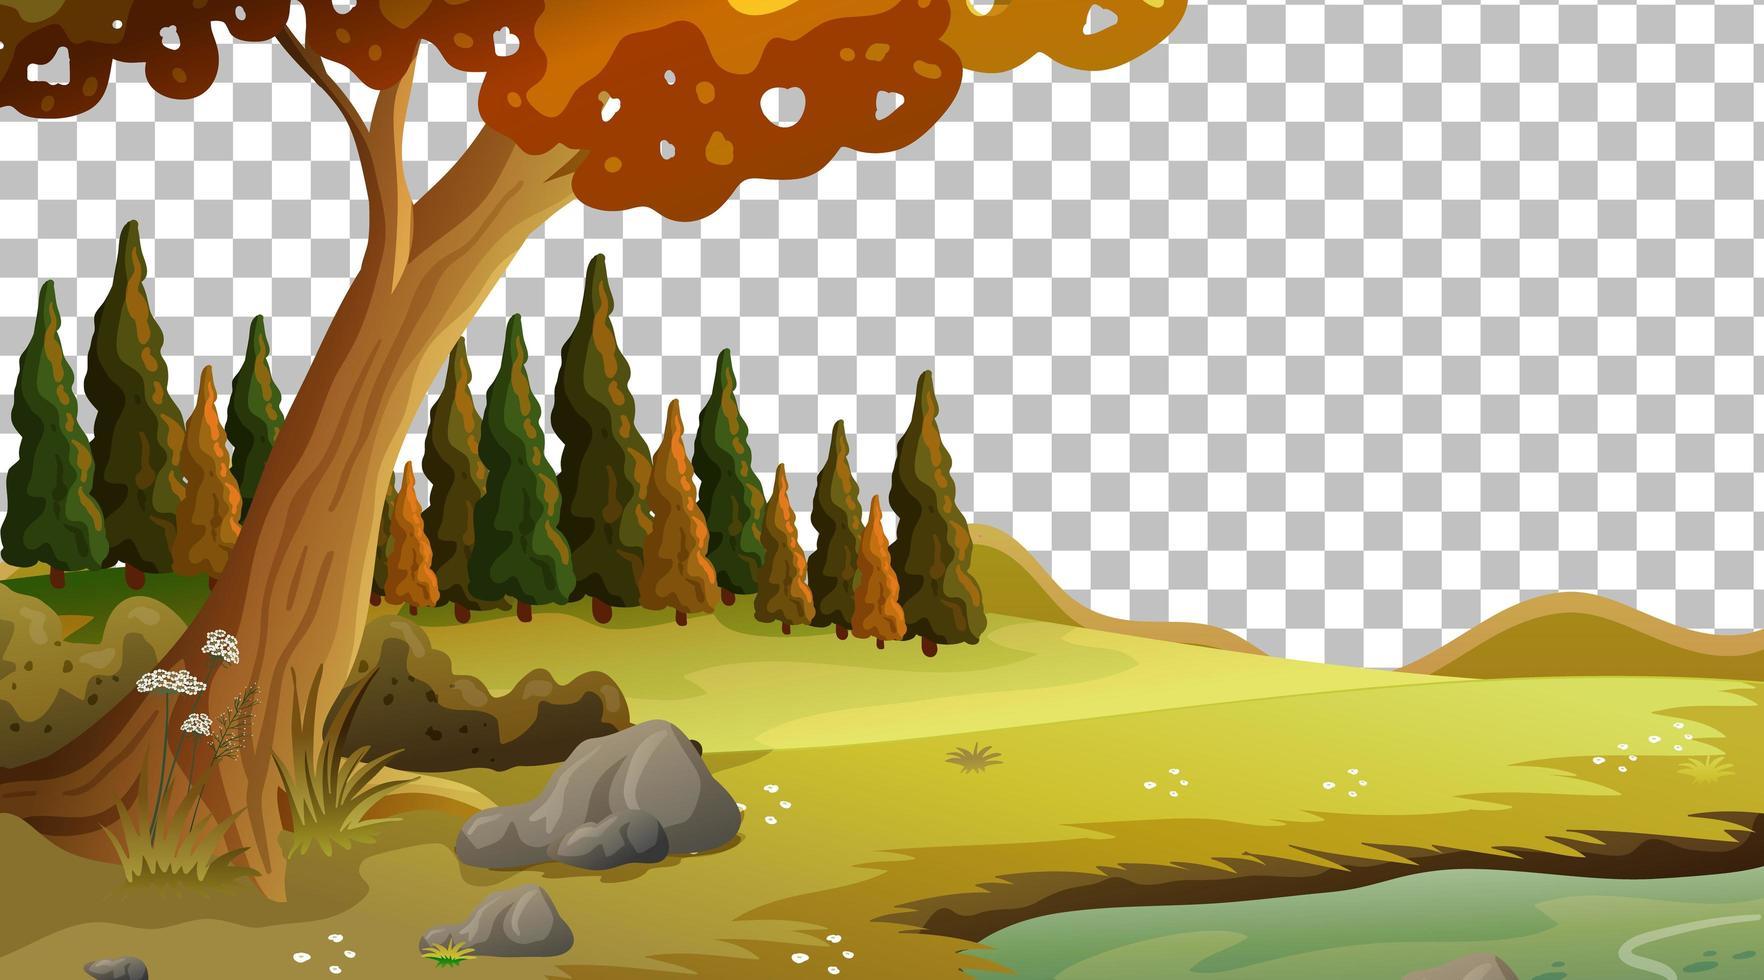 lege natuur scène landschap op transparante achtergrond vector